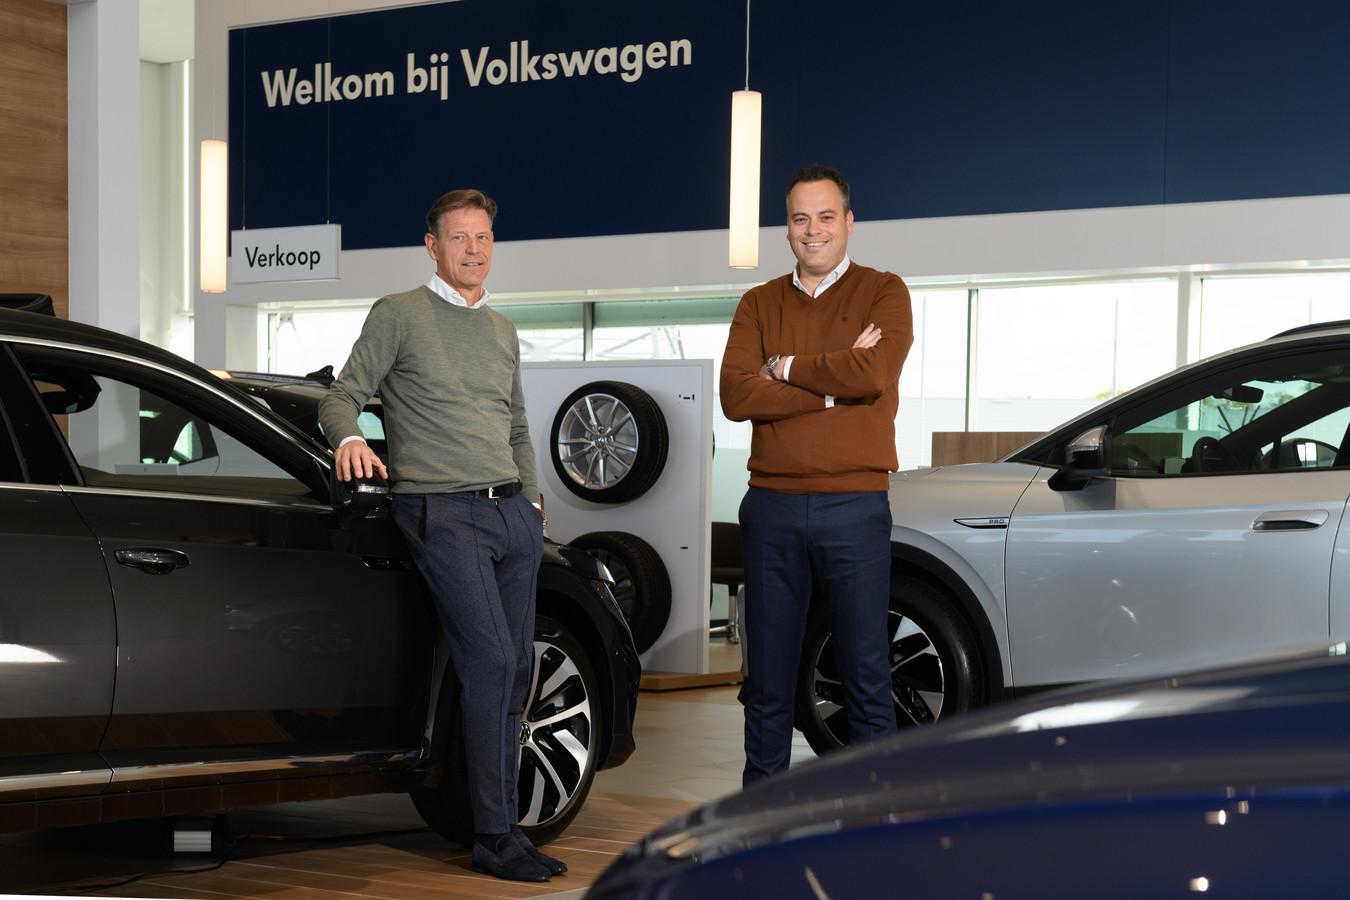 Directeuren Marco Golbach en Theodoor Vis van Huiskes-Kokkeler maken zich zorgen over de autobranche. Vanwege niet geleverde chips loopt de levertijd van nieuwe auto's flink op.